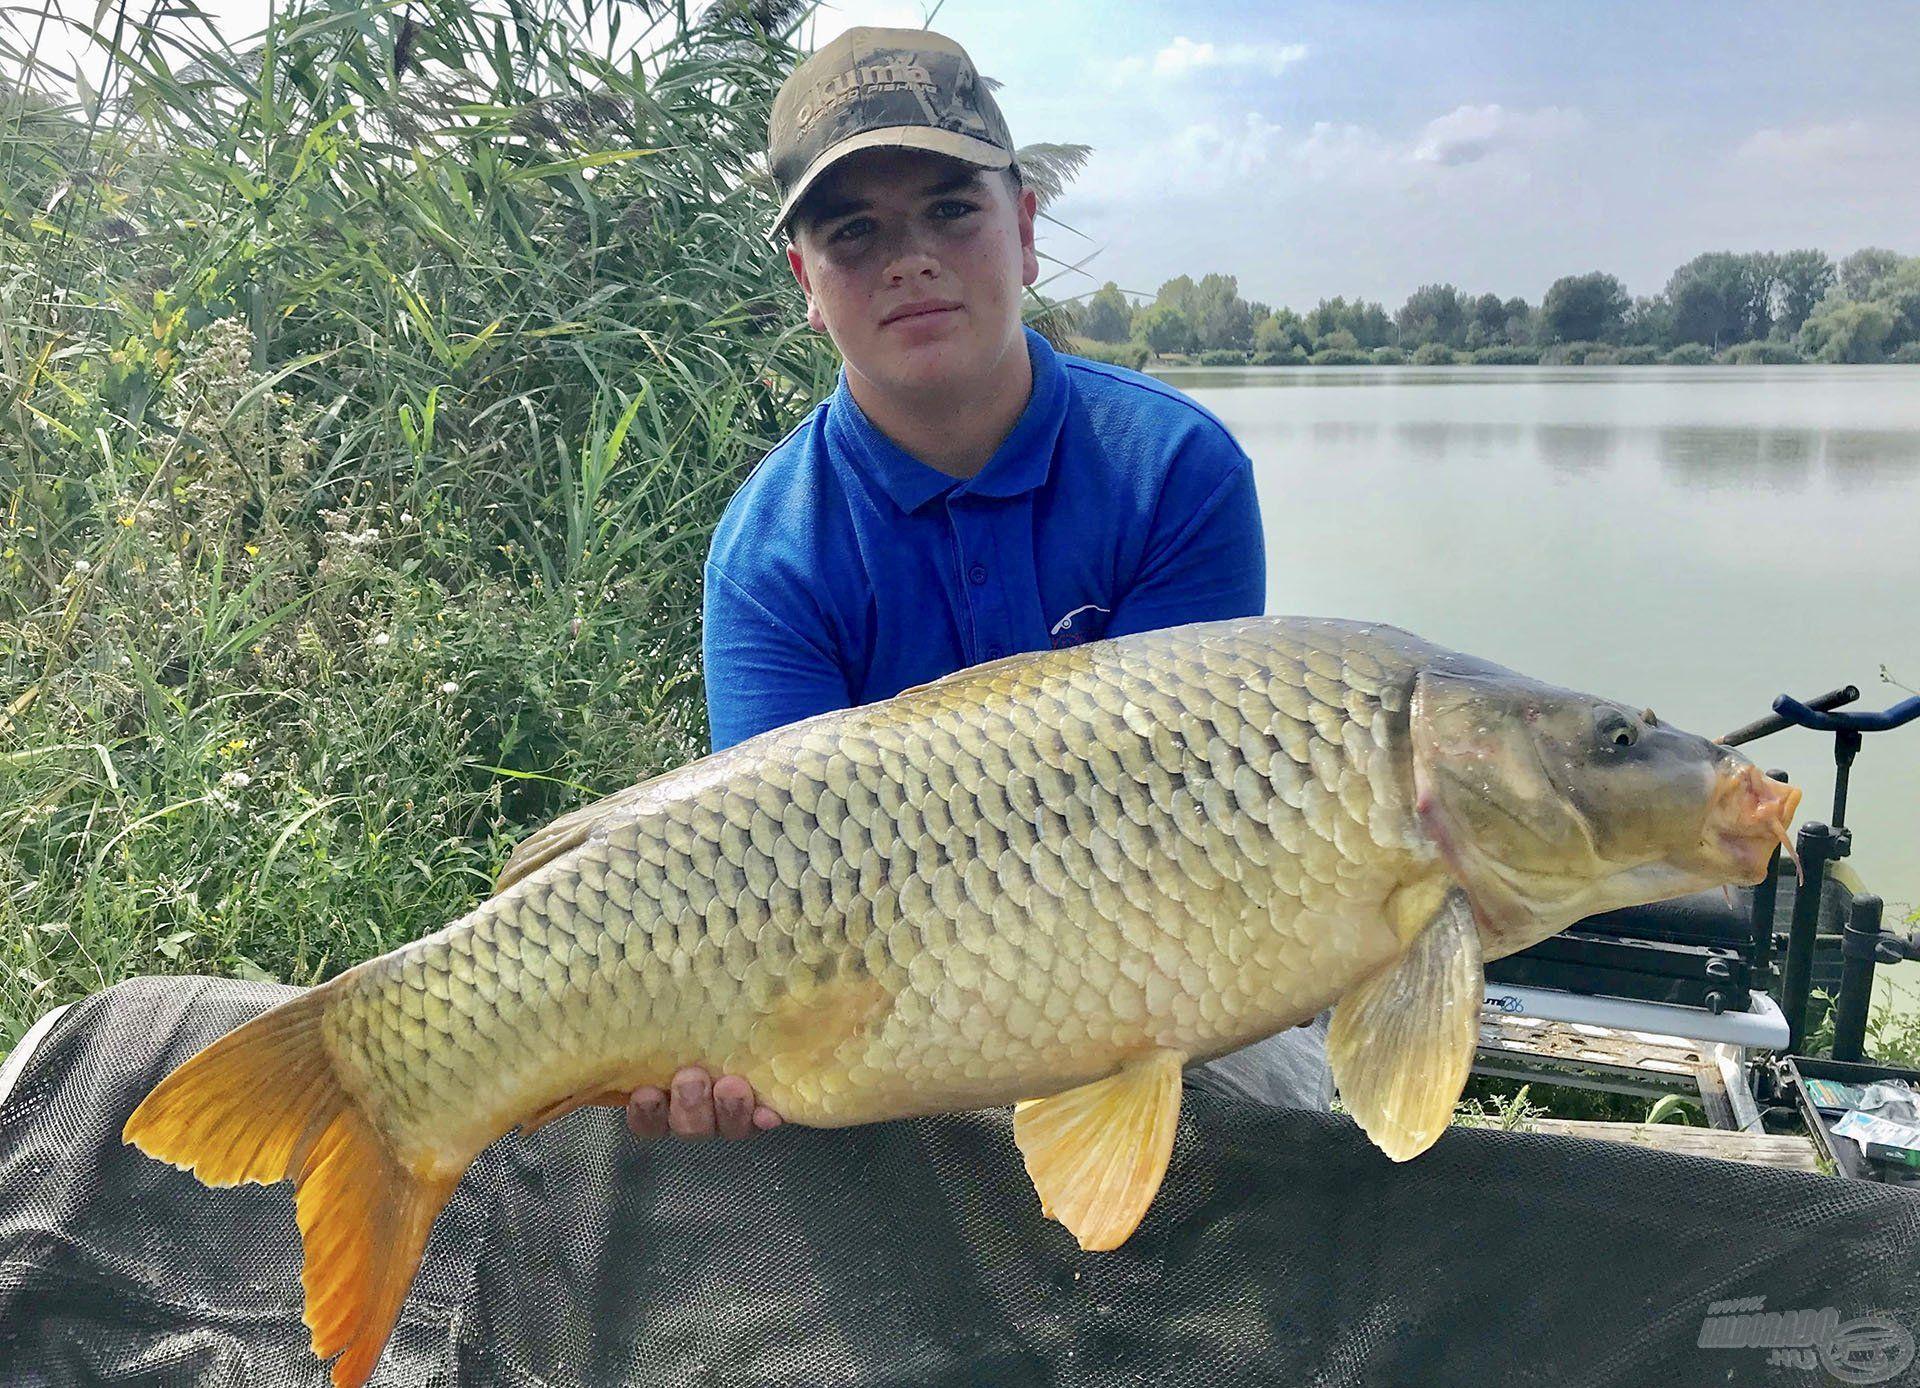 A nap hala egy 9.465 g-os tőponty lett, amelyet a mezőny egyik legfiatalabb, de annál ügyesebb versenyzője, Győri Adrián segített a partra